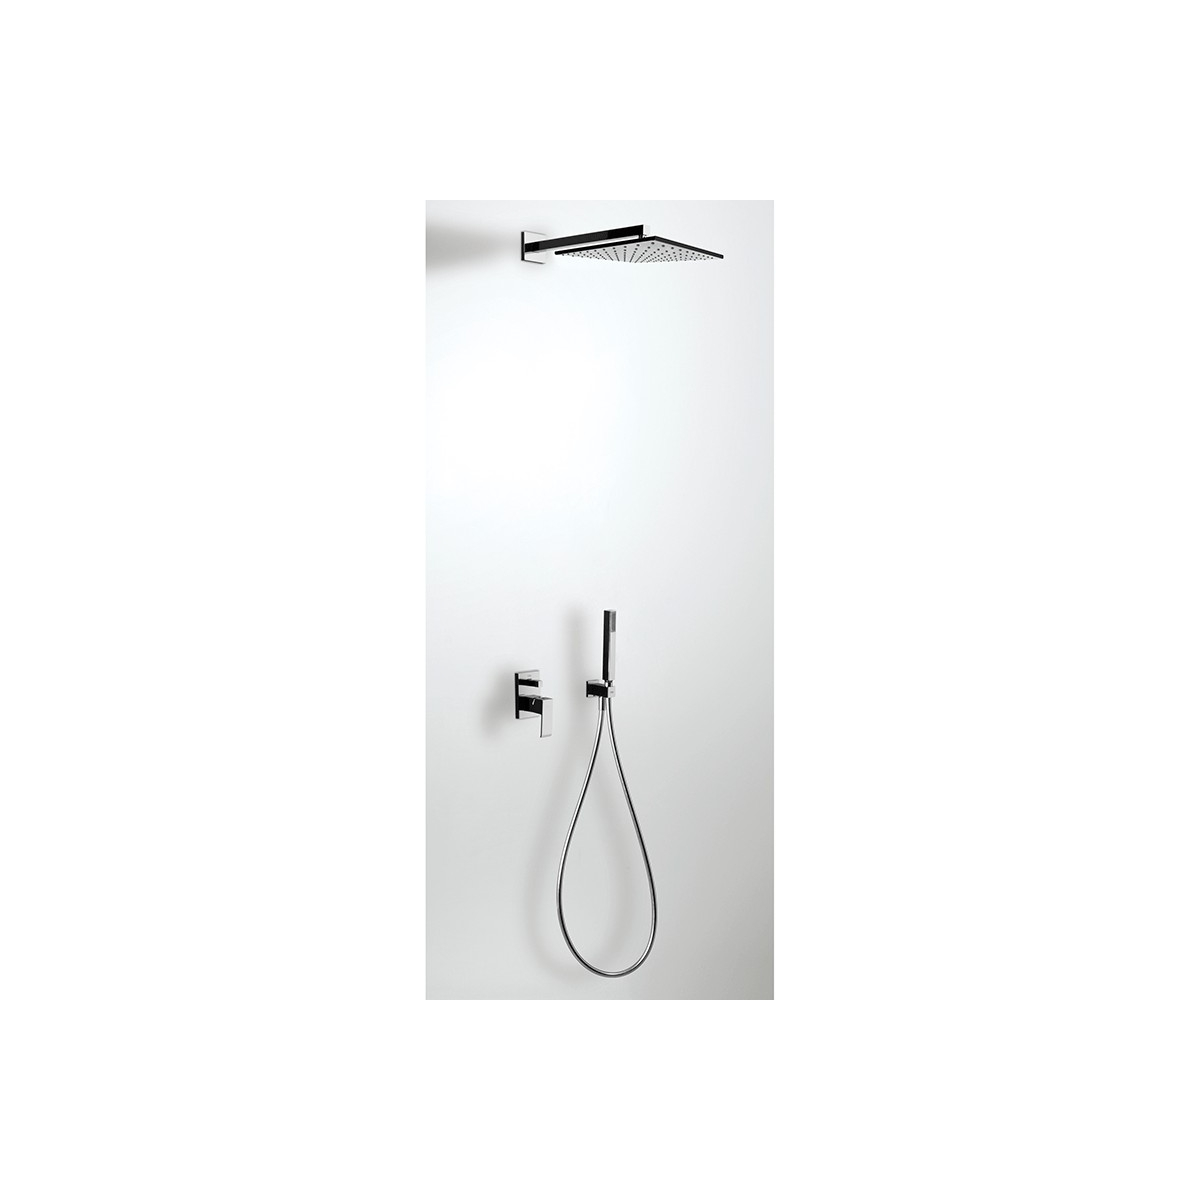 Conjunto de ducha monomando empotrado Cuadro Exclusive